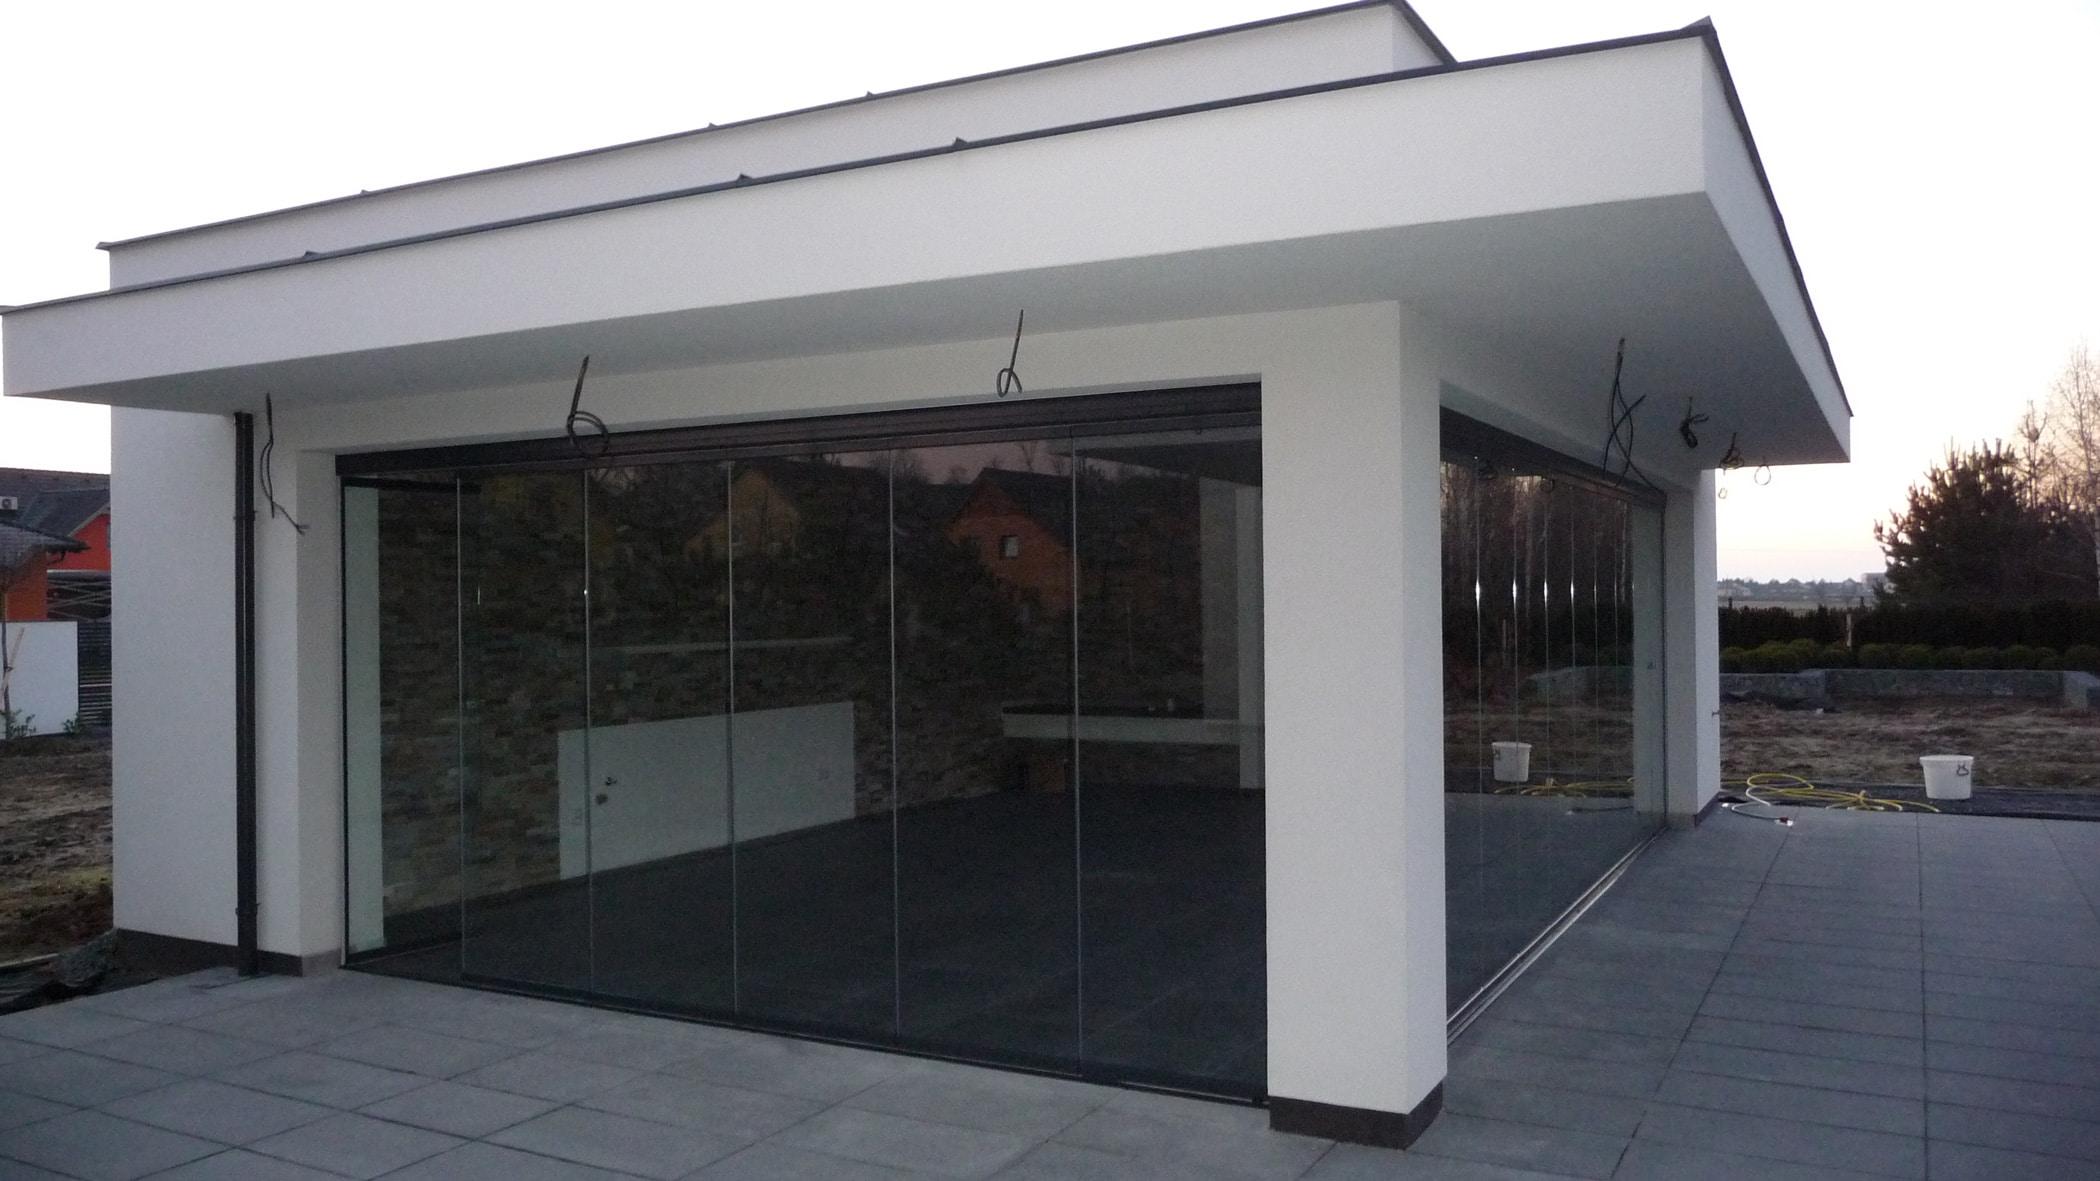 Großes Gartenhaus gemauert mit Schiebeverglasungen Sunflex